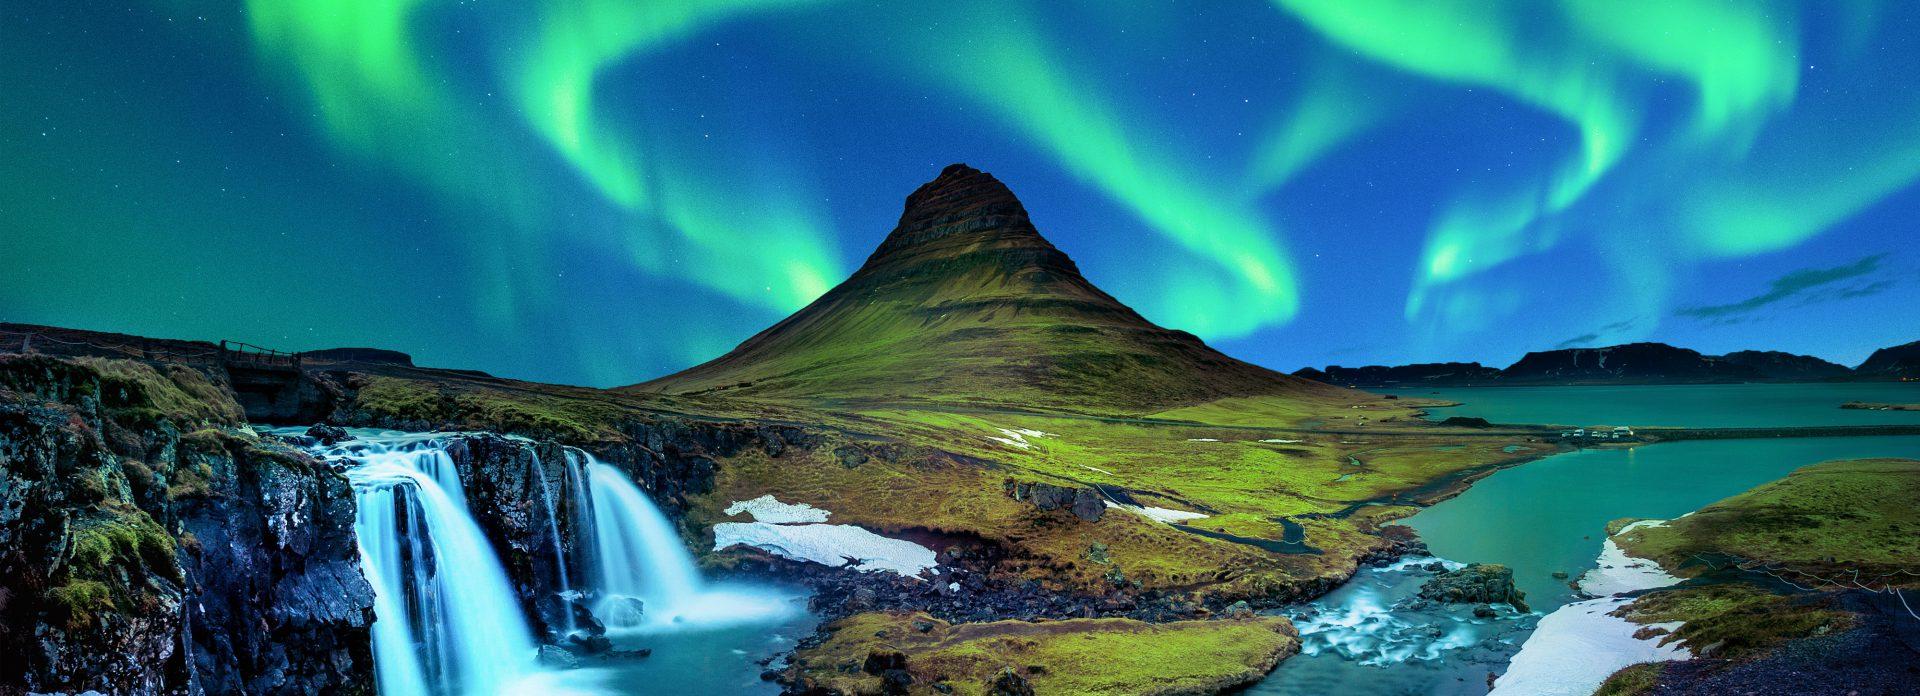 hva bor du kjope Island Reykjavik shoppinghuide handle tips